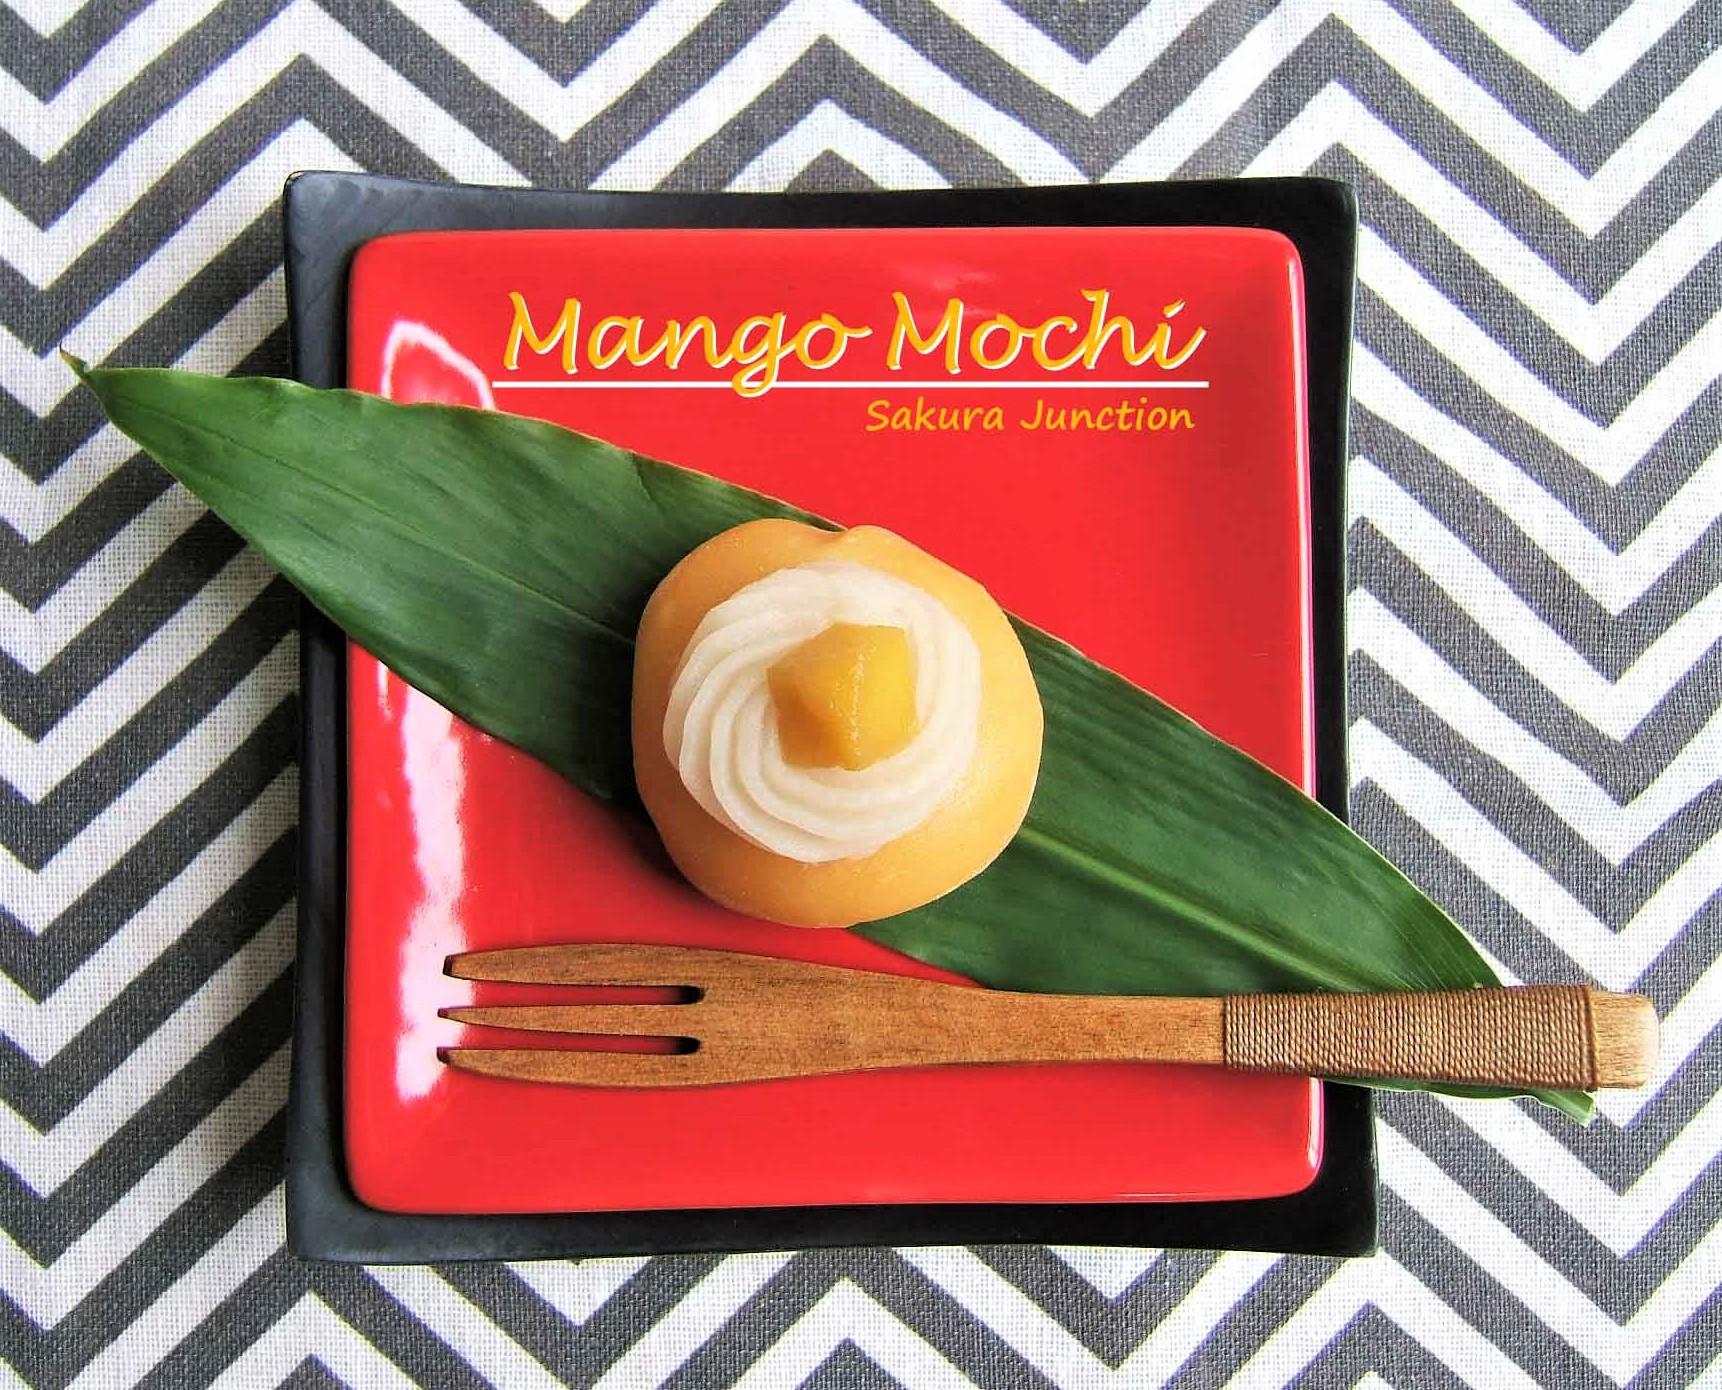 Mango Mochi 1